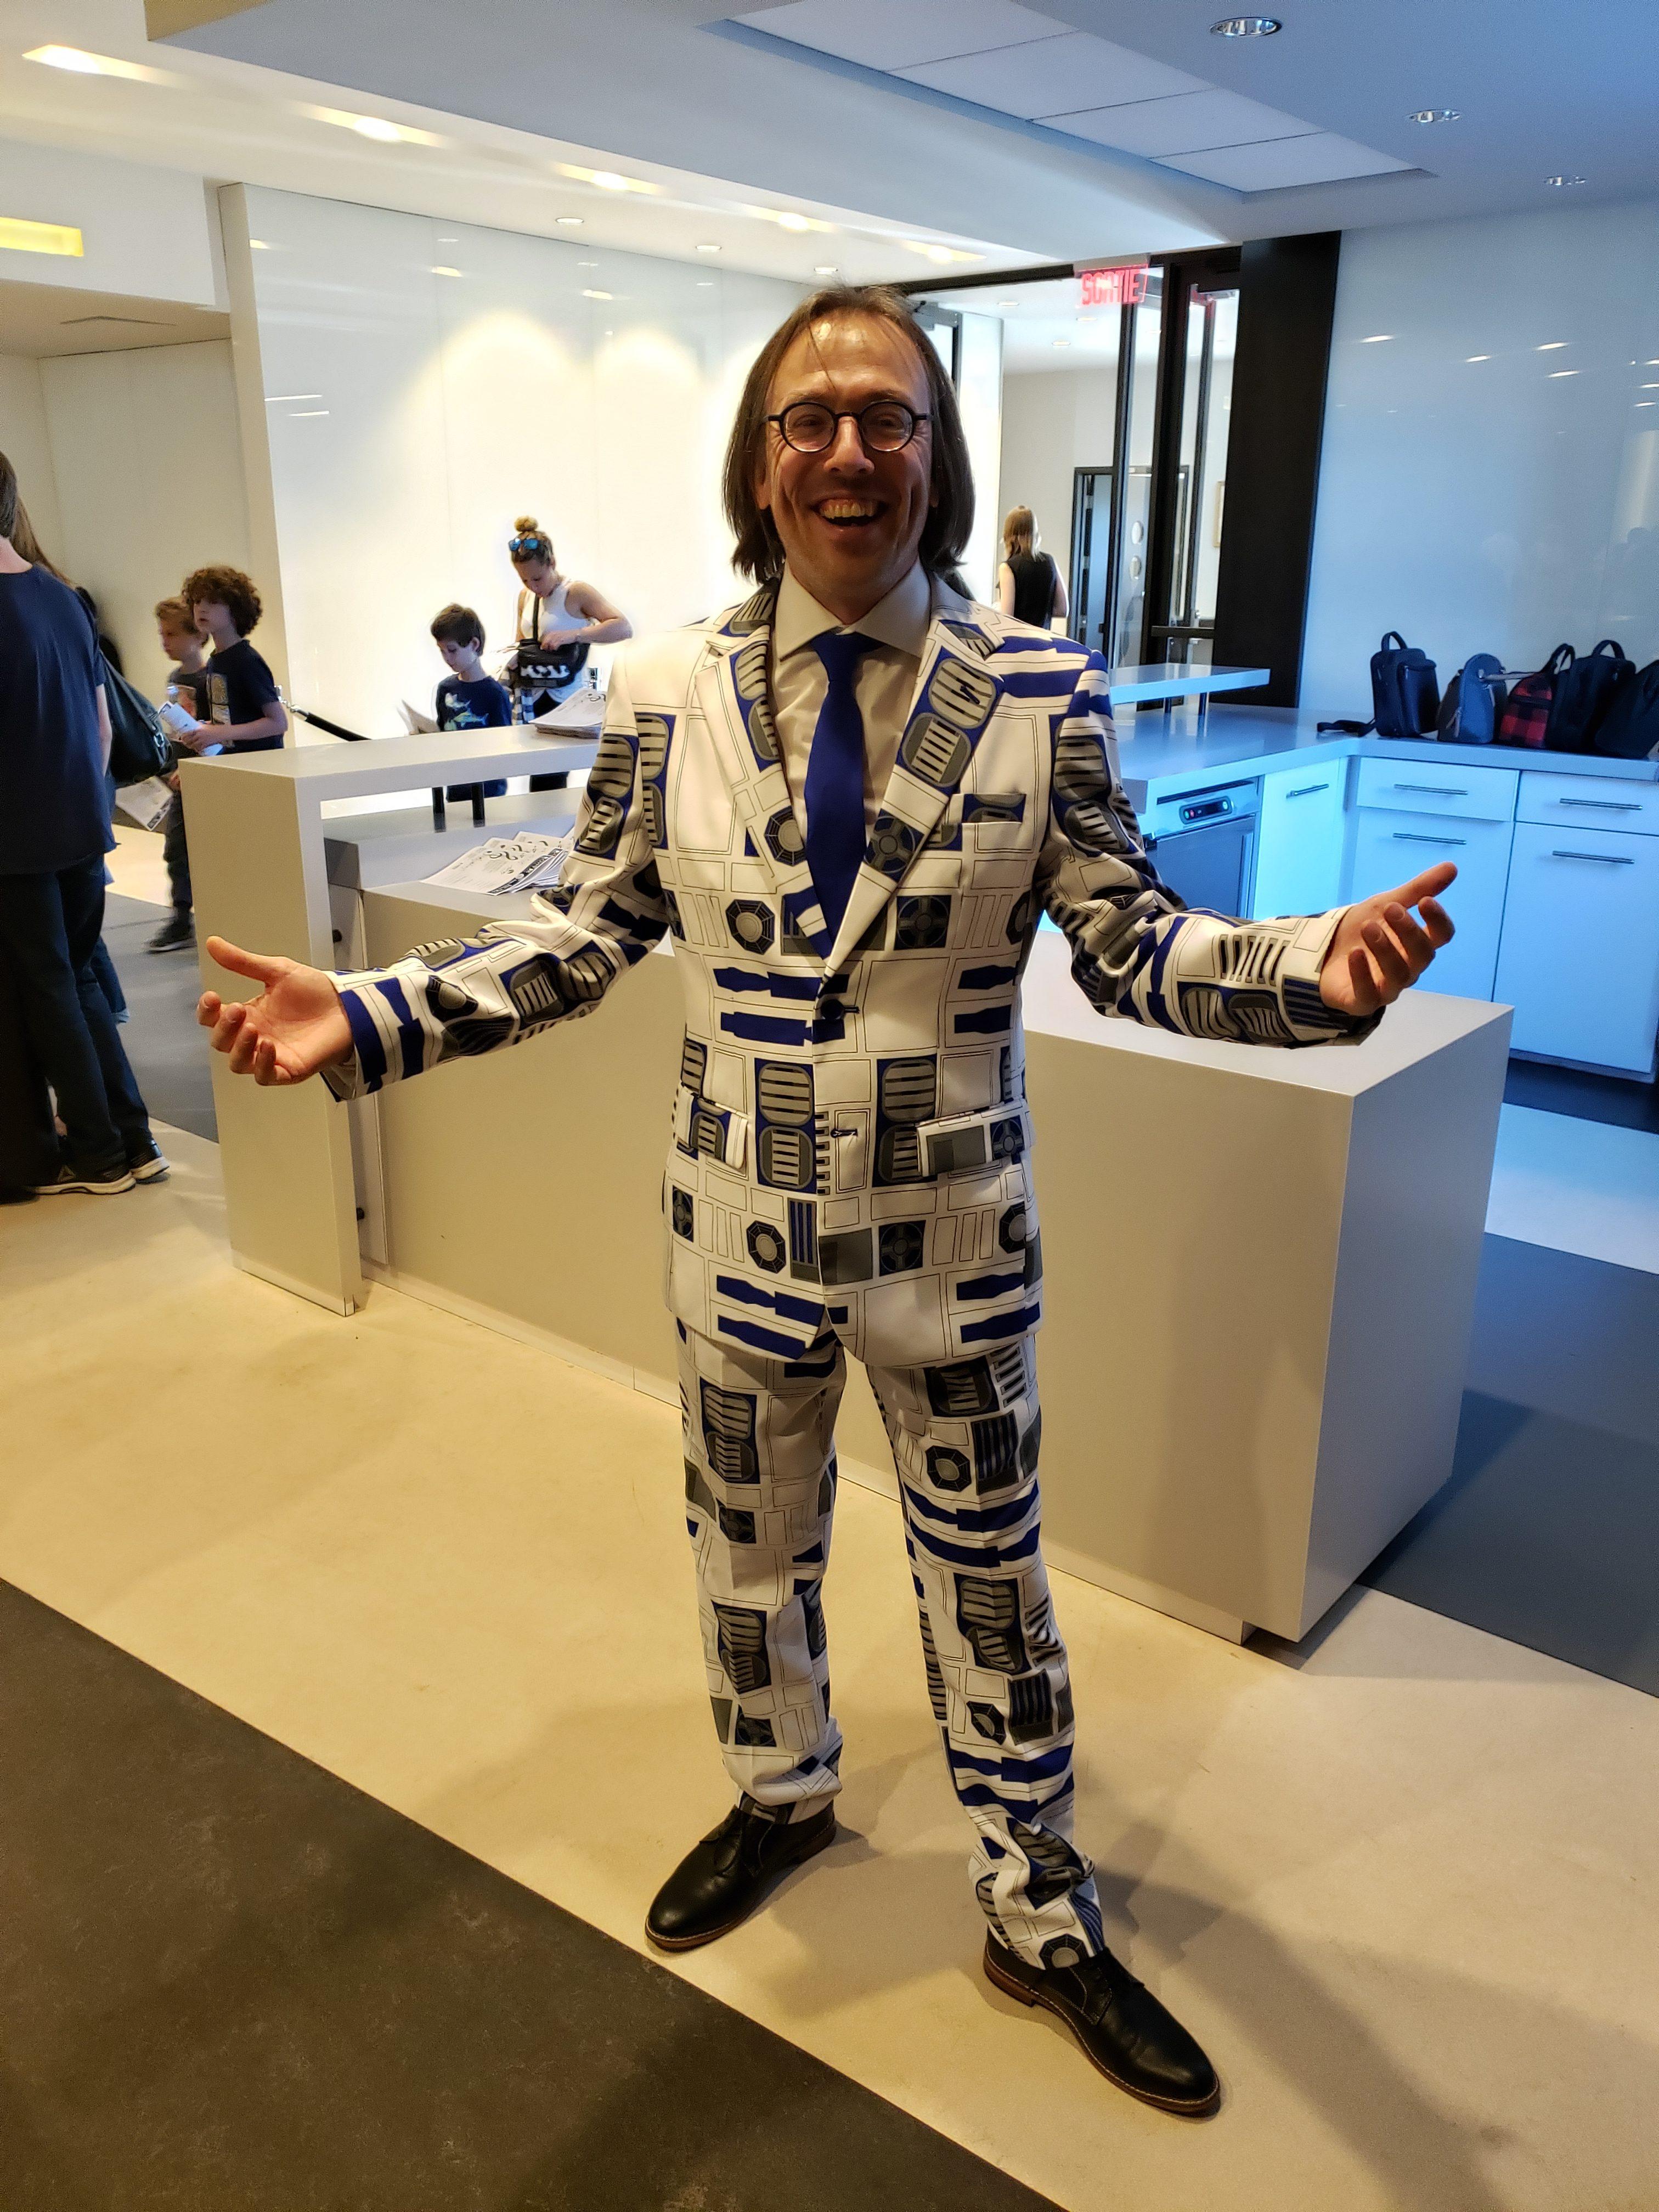 Le chef d'orchestre n'aurait pu avoir choisi un meilleur costume pour diriger son orchestre!